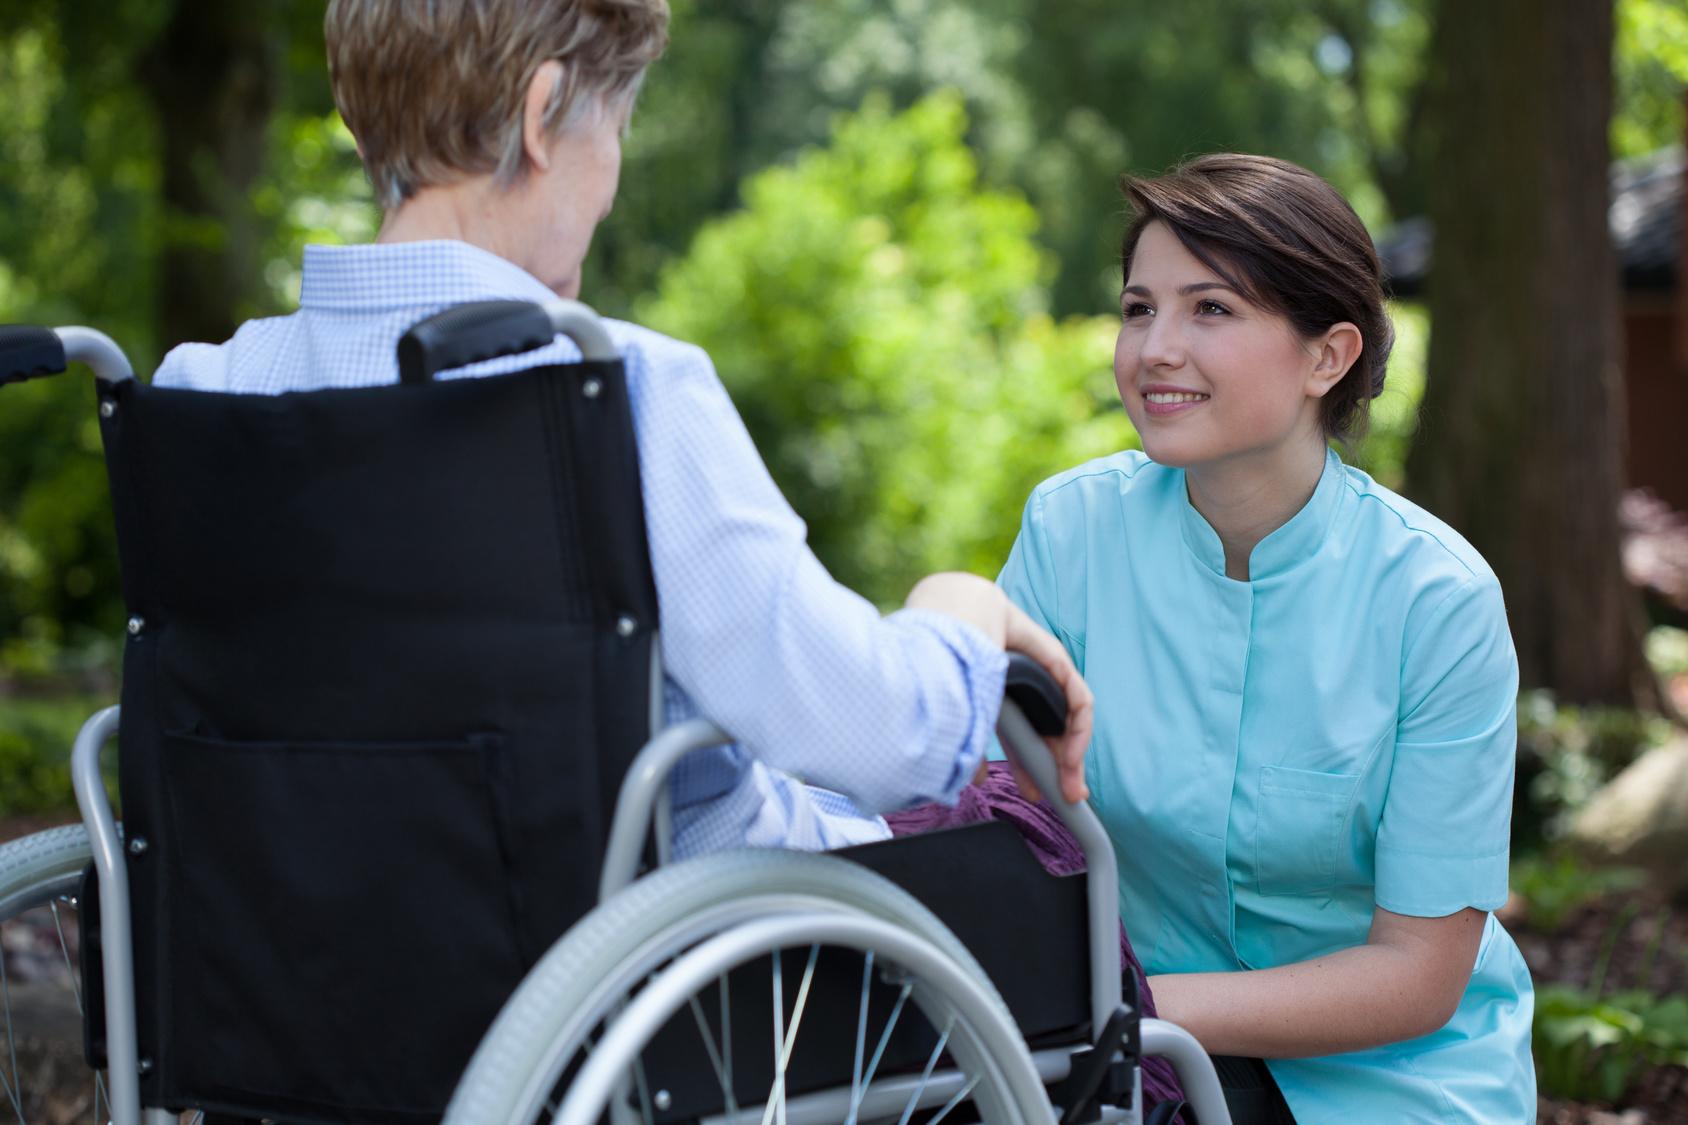 看護で患者の安全を確保する